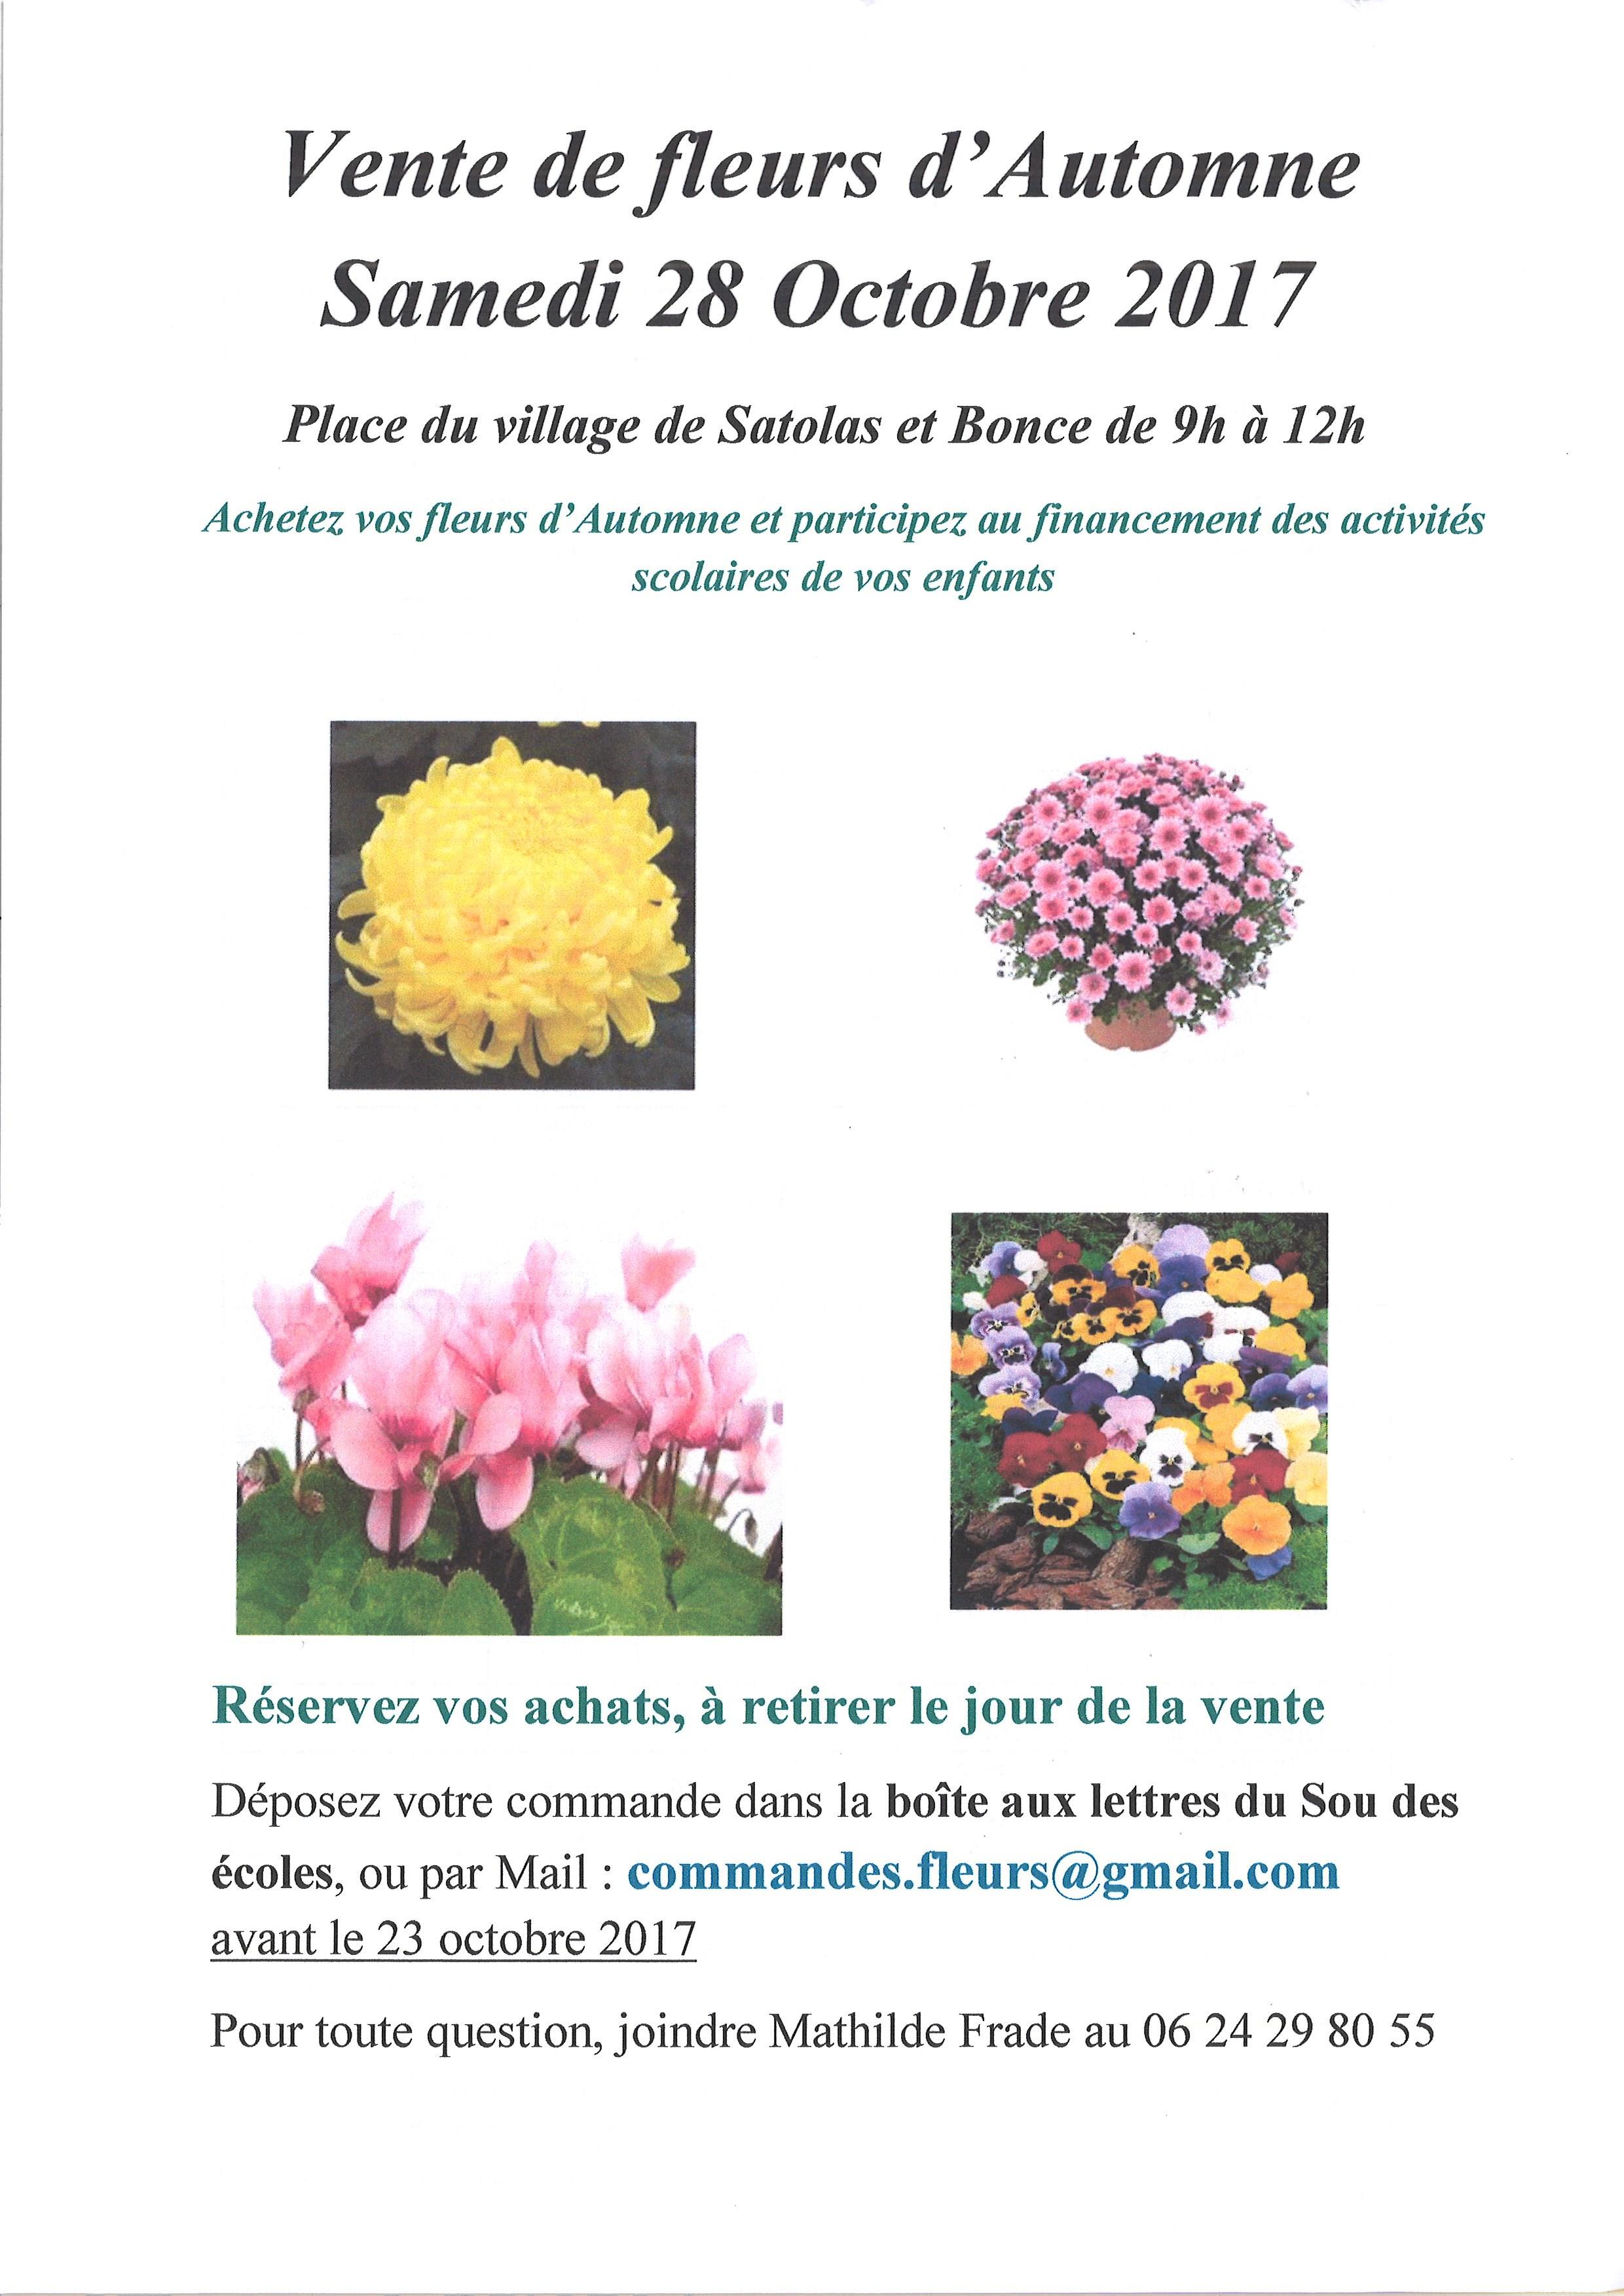 Vente de fleurs d'automne 2017